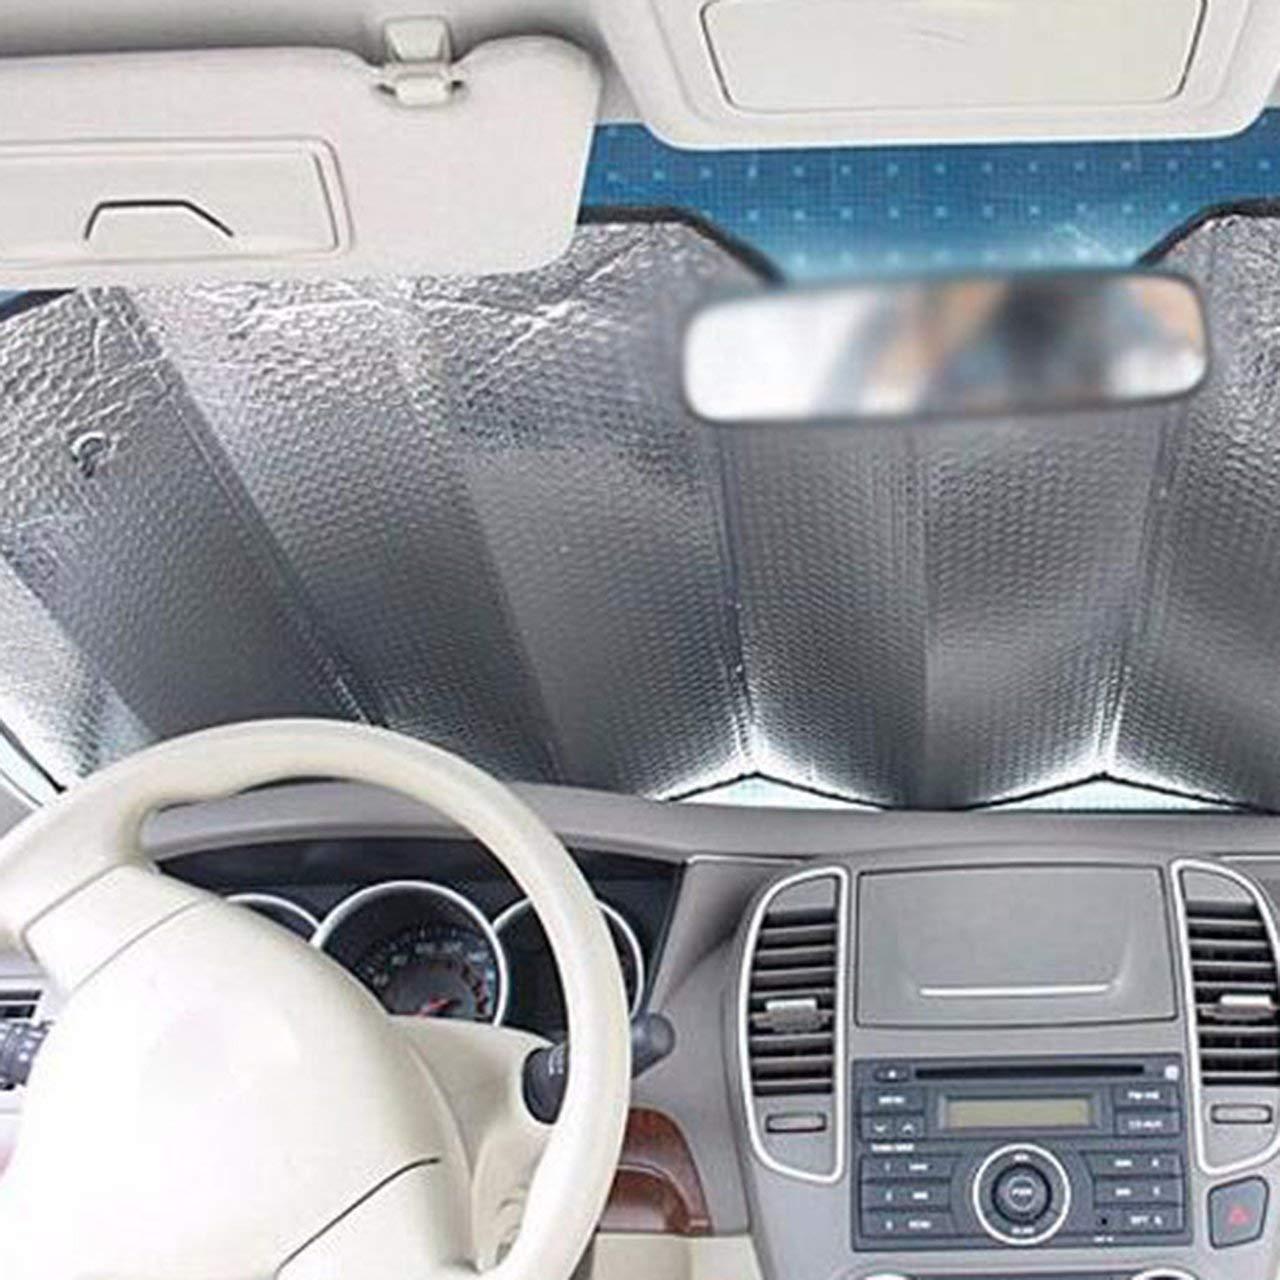 fITtprintse Parabrezza per auto di alta qualit/à Parasole per auto Parasole pieghevole per auto Anteriore per auto Parasole per auto Parasole per auto